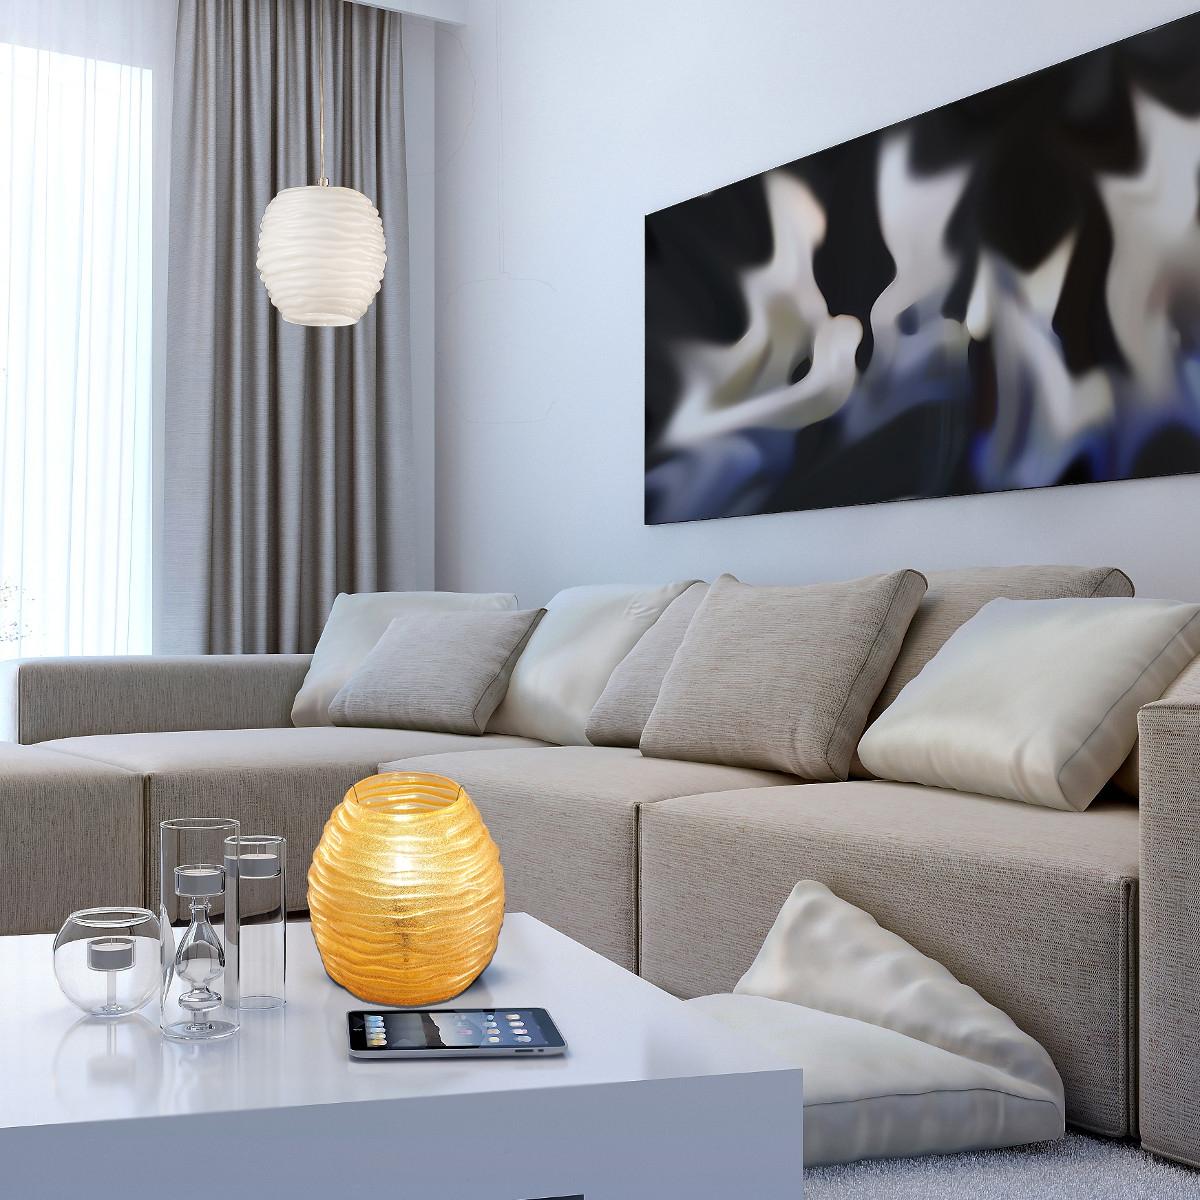 moderne glas pendelleuchte mit mundgeblasener muranoglaskugel. Black Bedroom Furniture Sets. Home Design Ideas